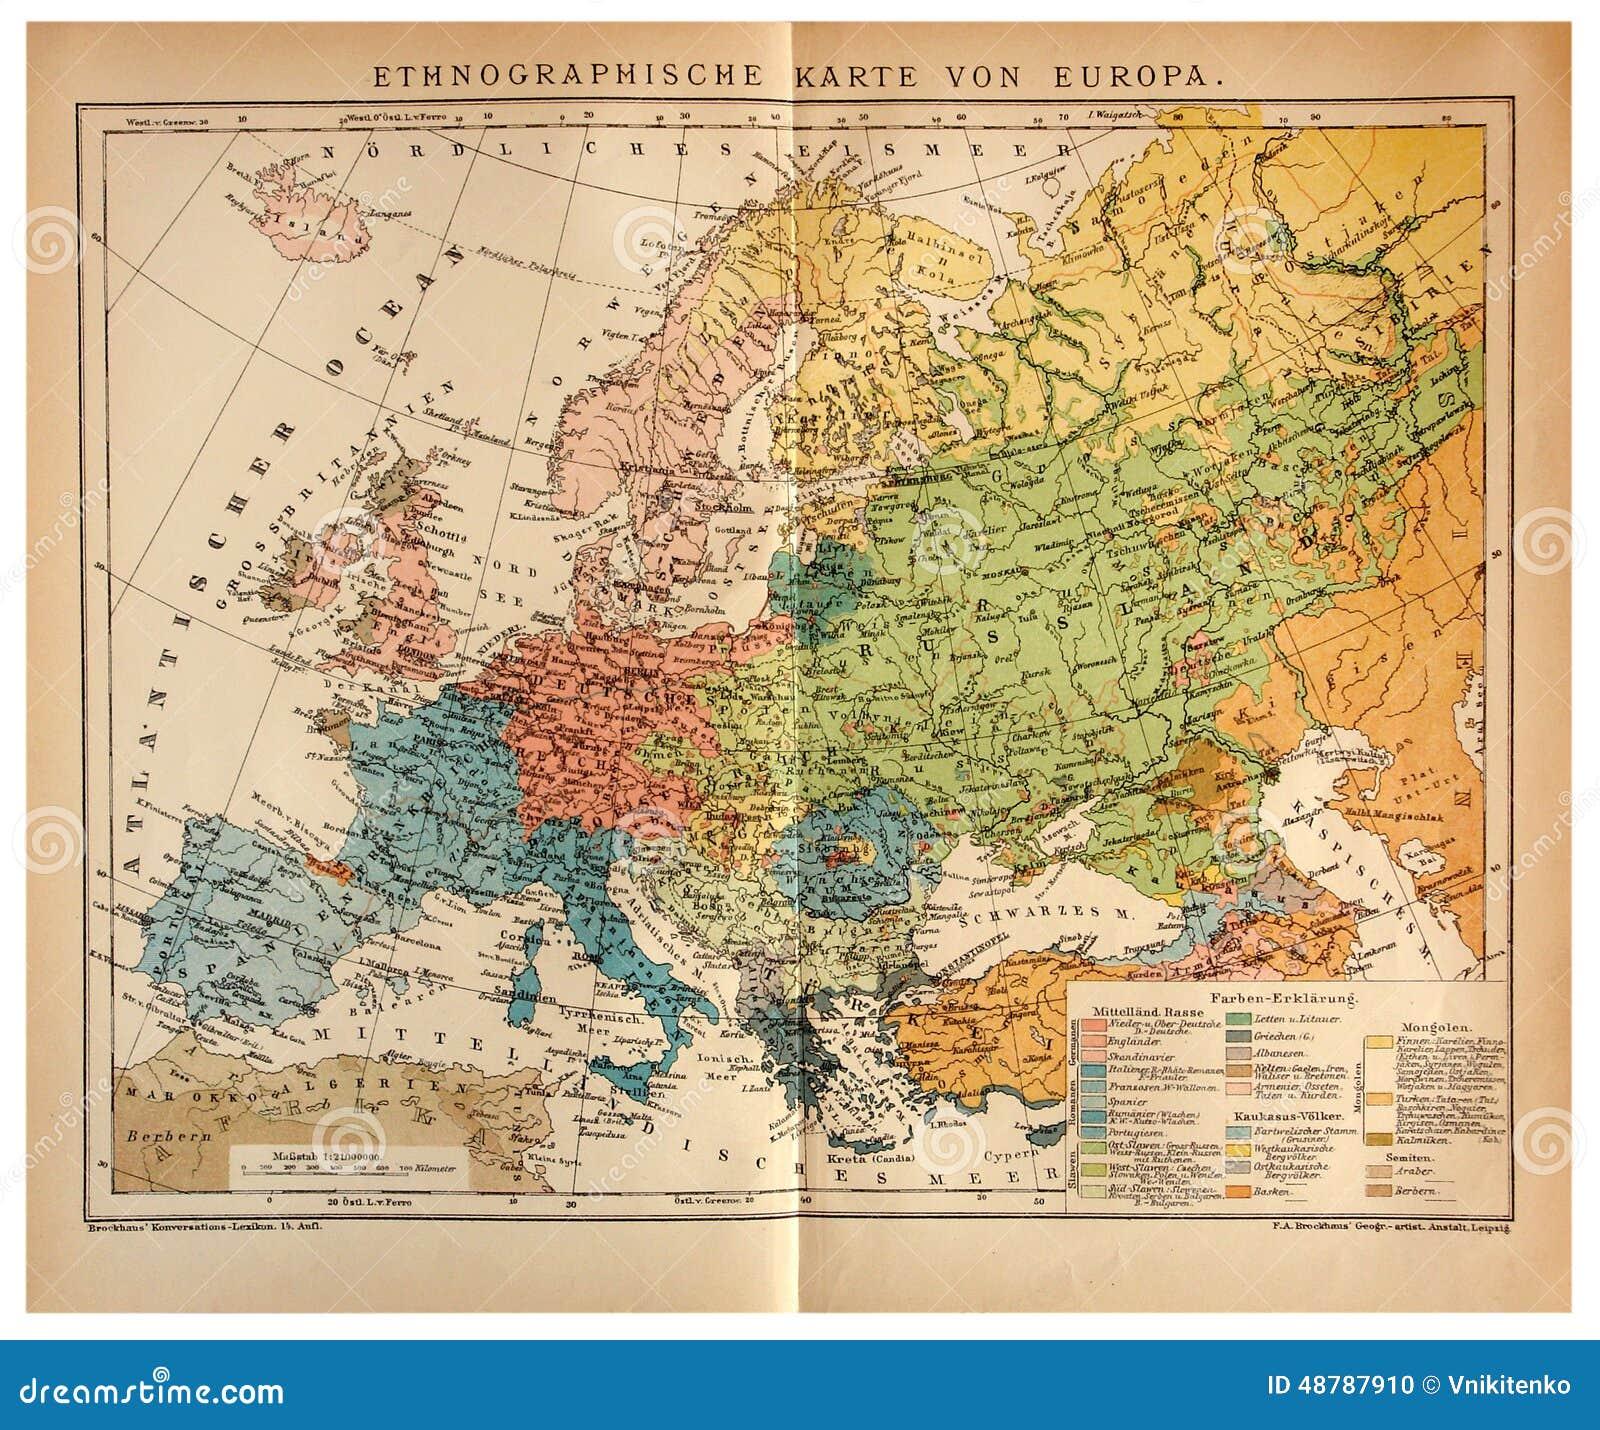 Vieille Carte Ethnographique De L'Europe Image éditorial   Image